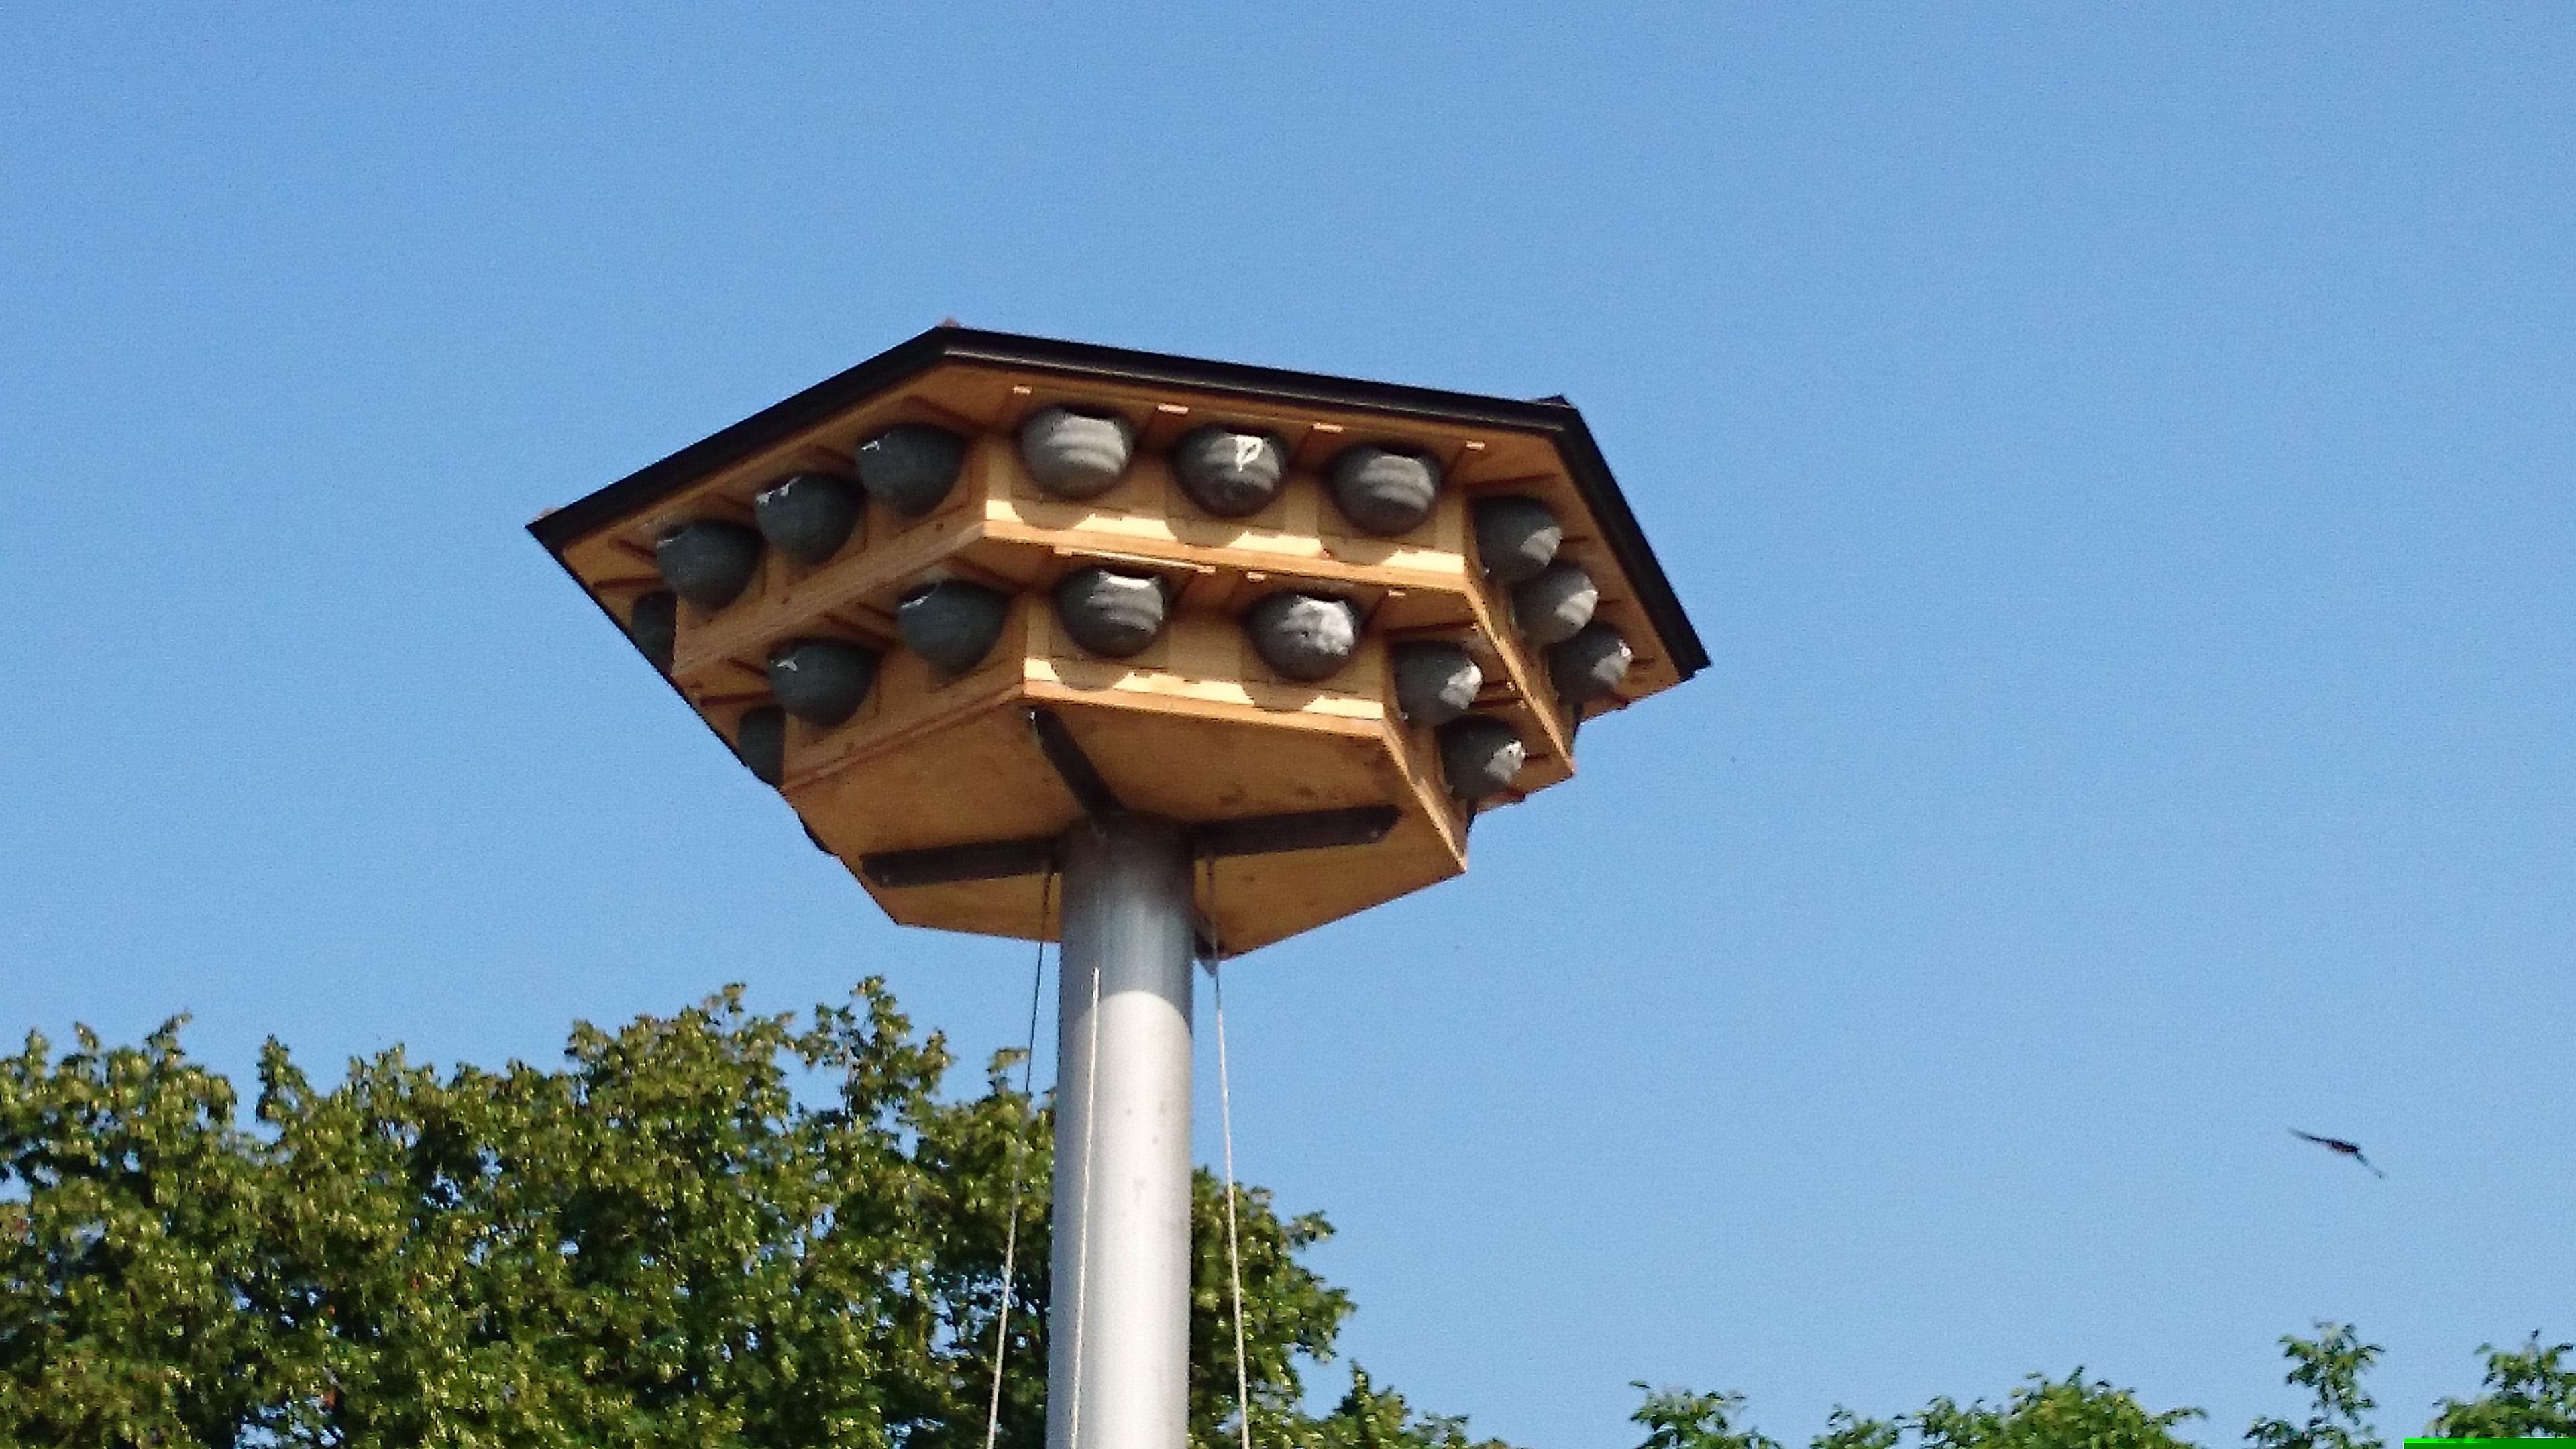 Mehlschwalbenhaus für Zürich-Höngg